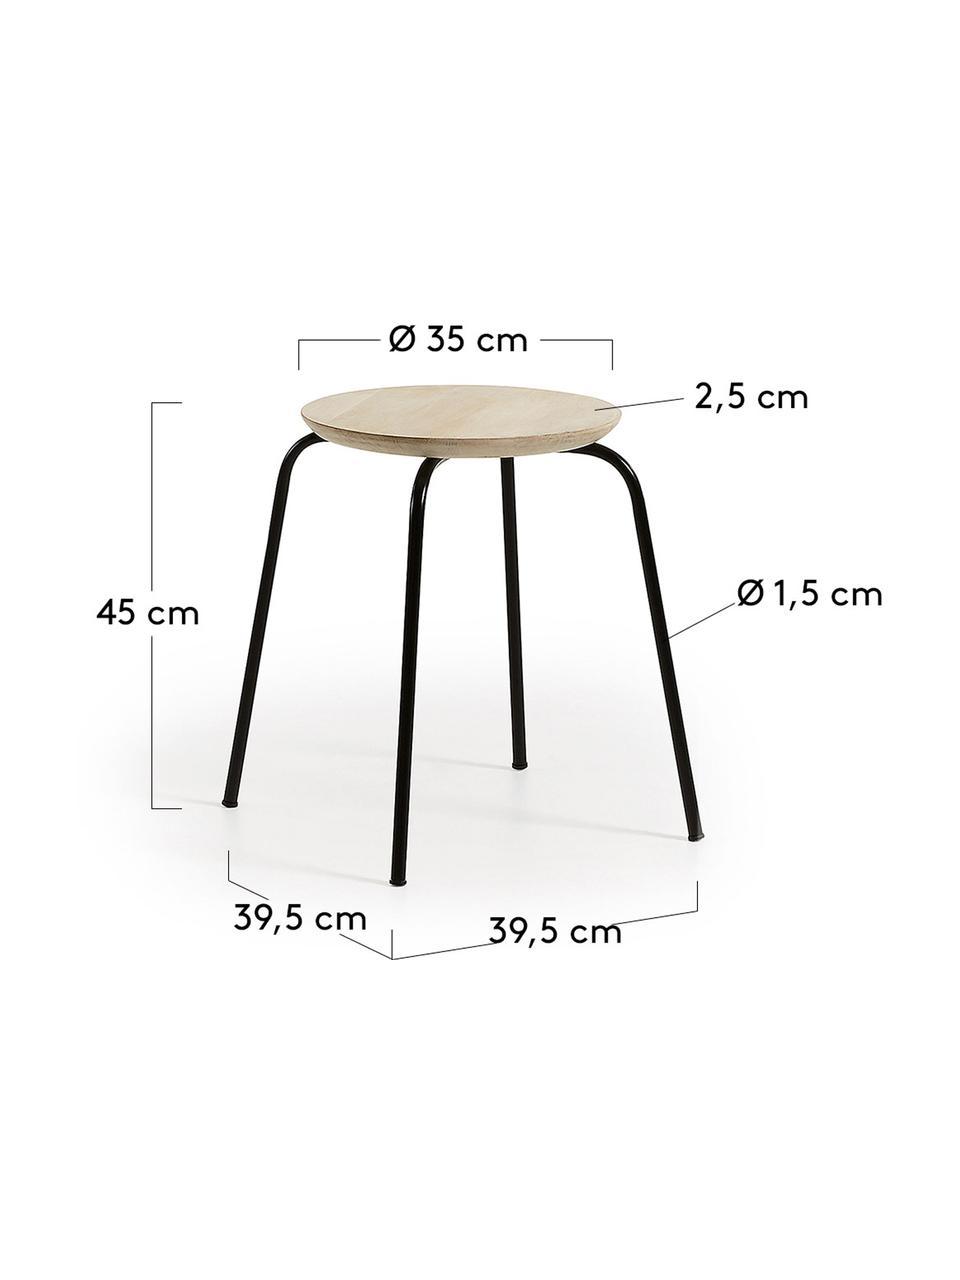 Hocker Ren, stapelbar, Sitzfläche: Mangoholz, naturbelassen, Beine: Metall, lackiert, Mangoholz, Schwarz, Ø 40 x H 45 cm